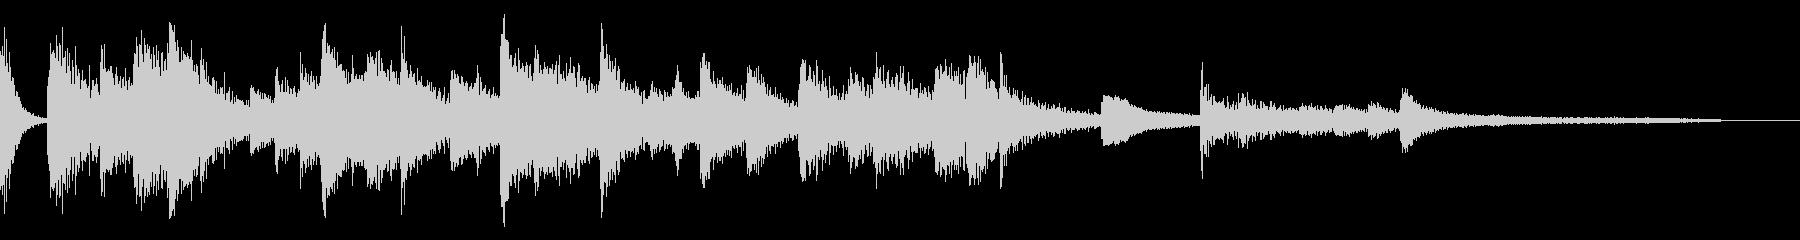 ボサノバ風のおしゃれなジングル・場面転換の未再生の波形